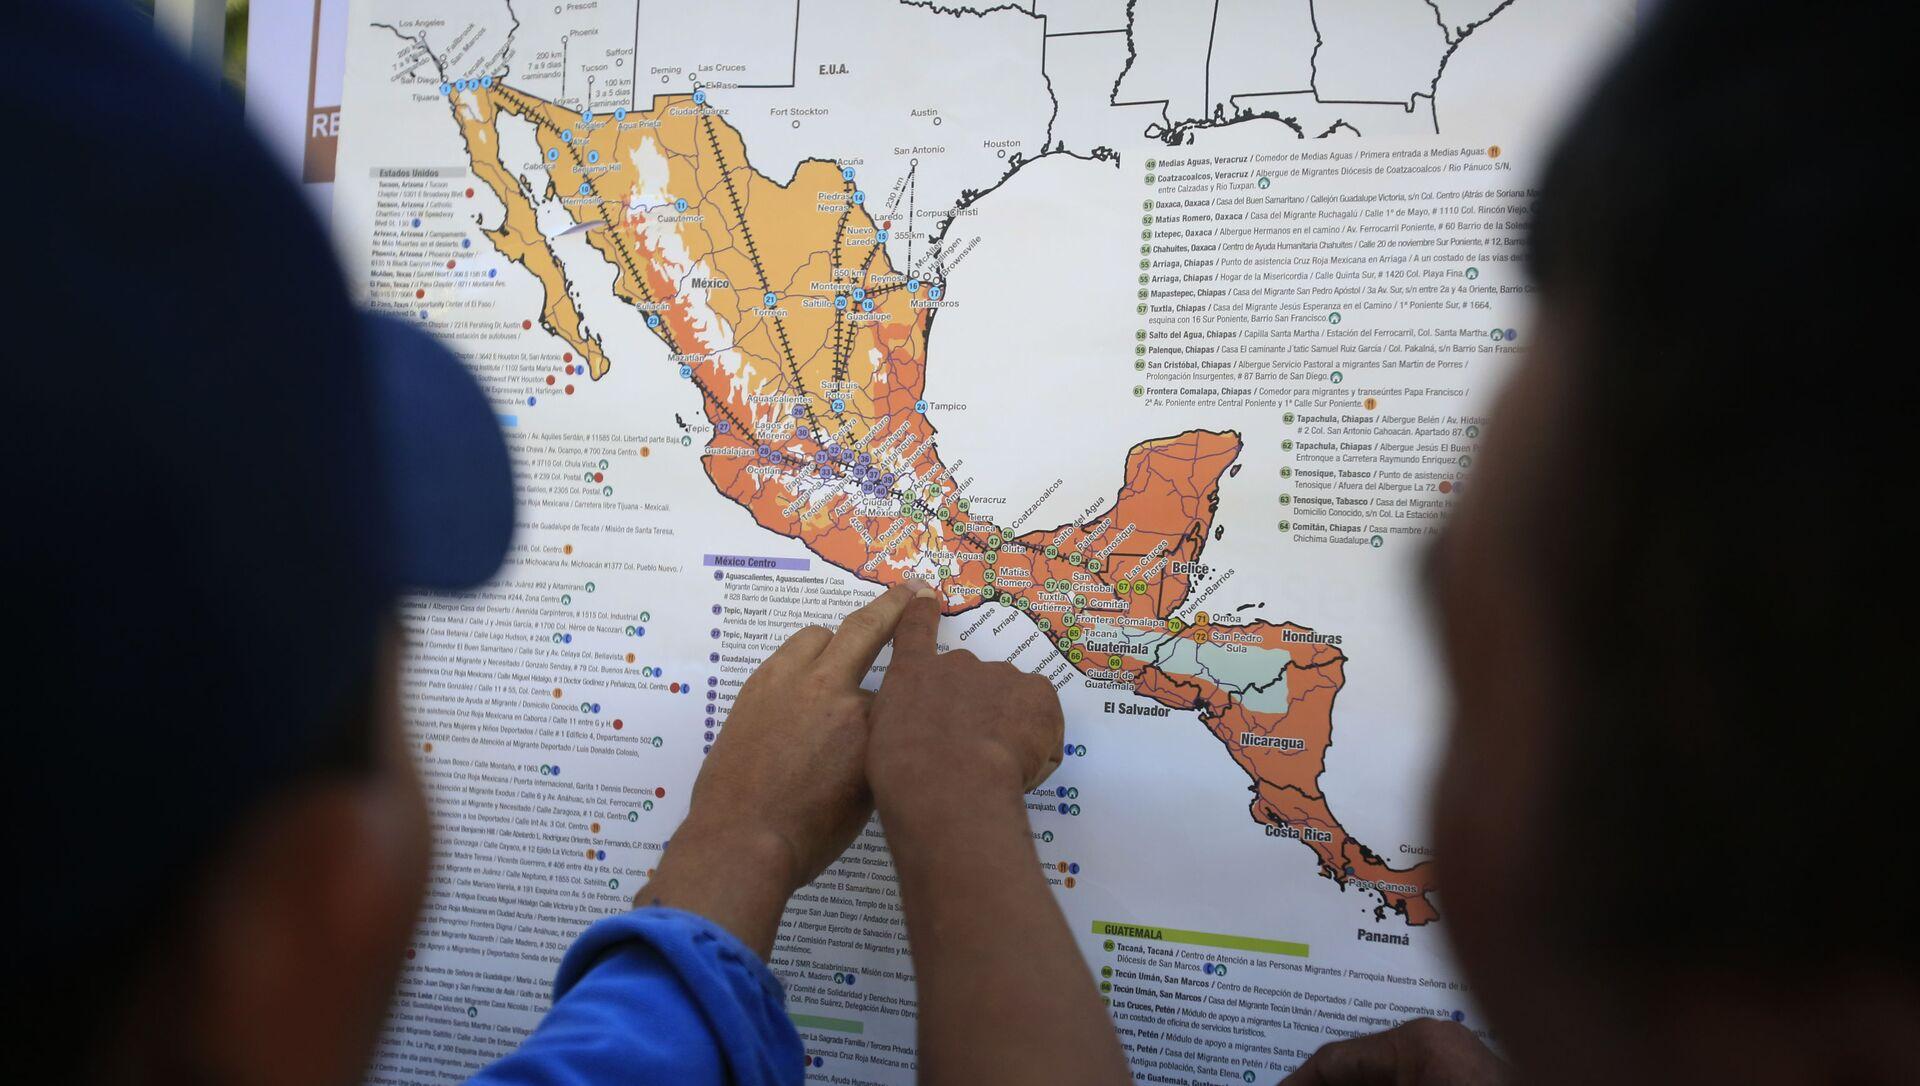 Migrantes centroamericanos planean su recorrido con un mapa en Ciudad de México - Sputnik Mundo, 1920, 23.12.2020